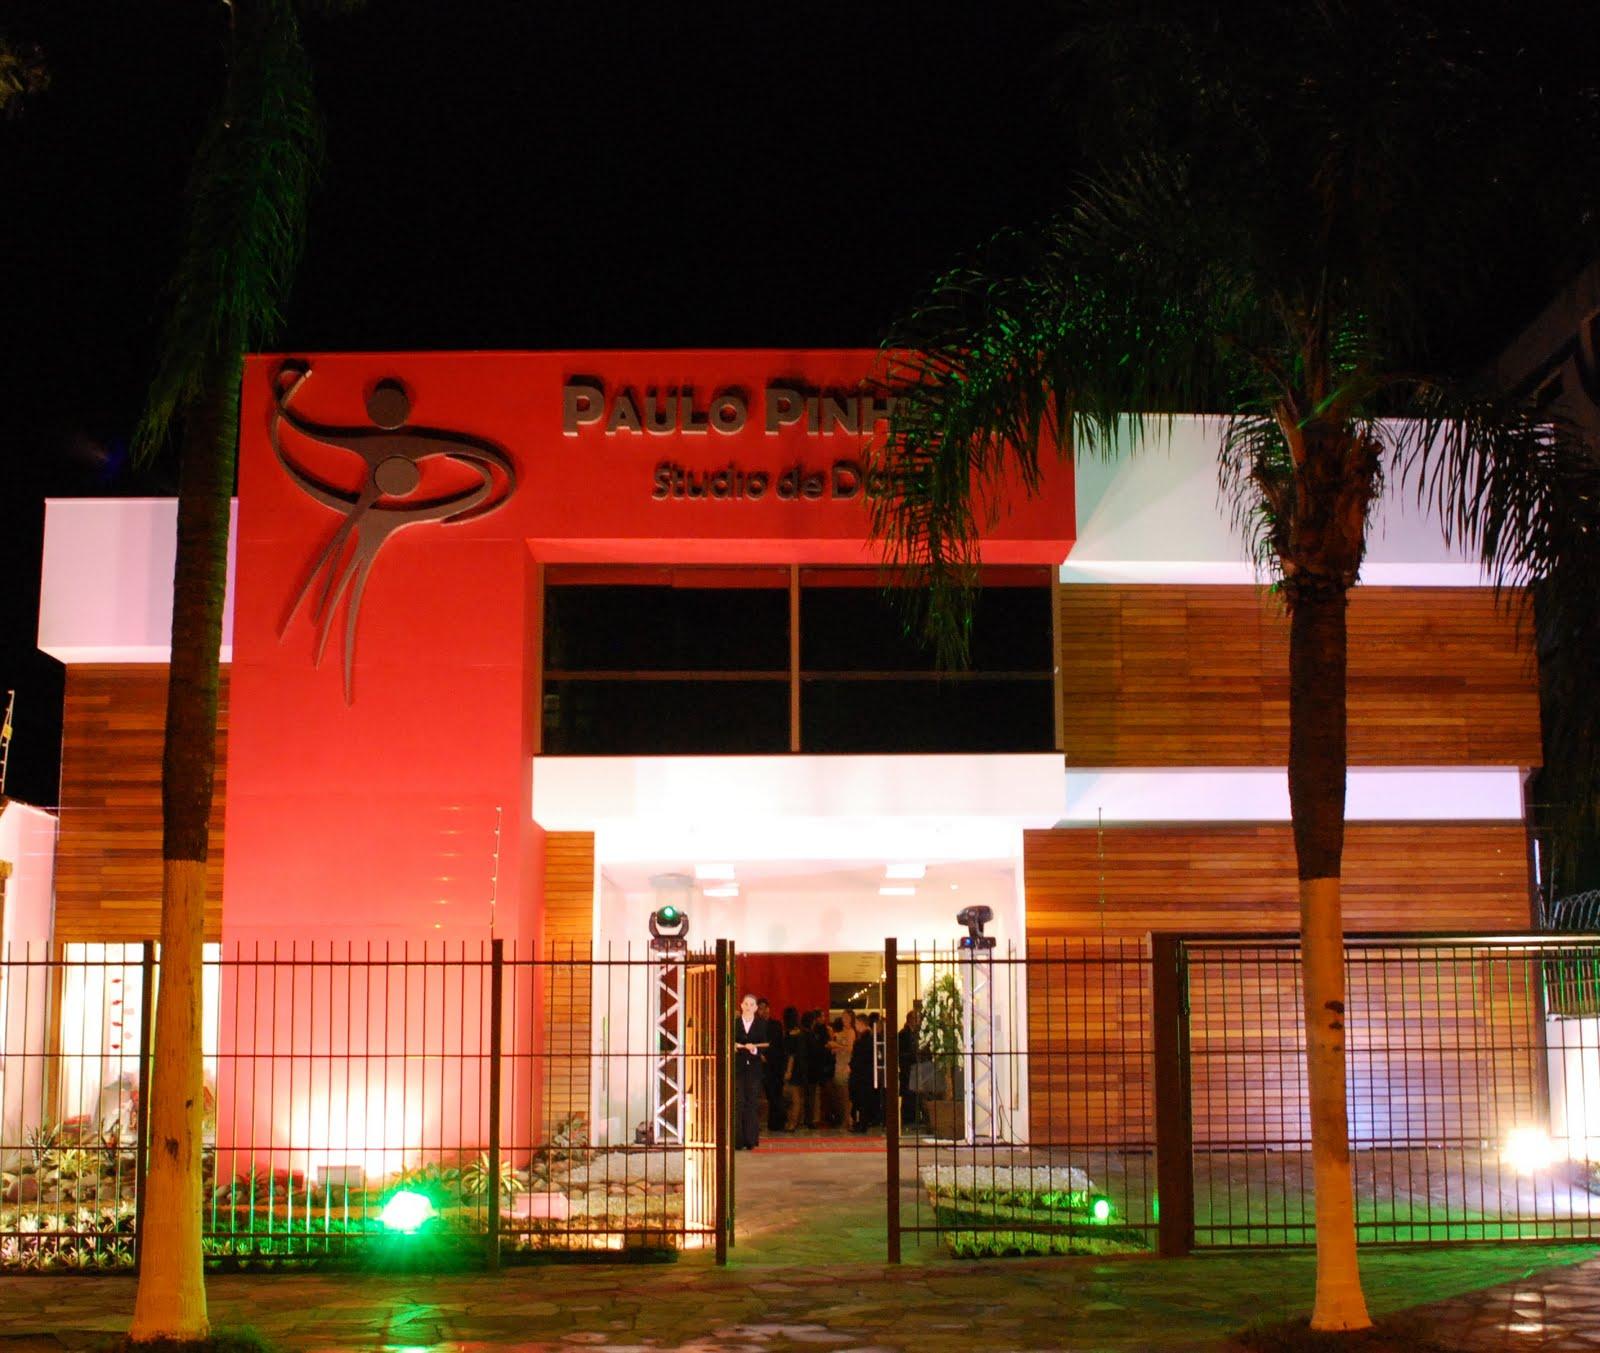 jardim ipe valparaiso:CMD: Nova sede do Studio de Dança Paulo Pinheiro